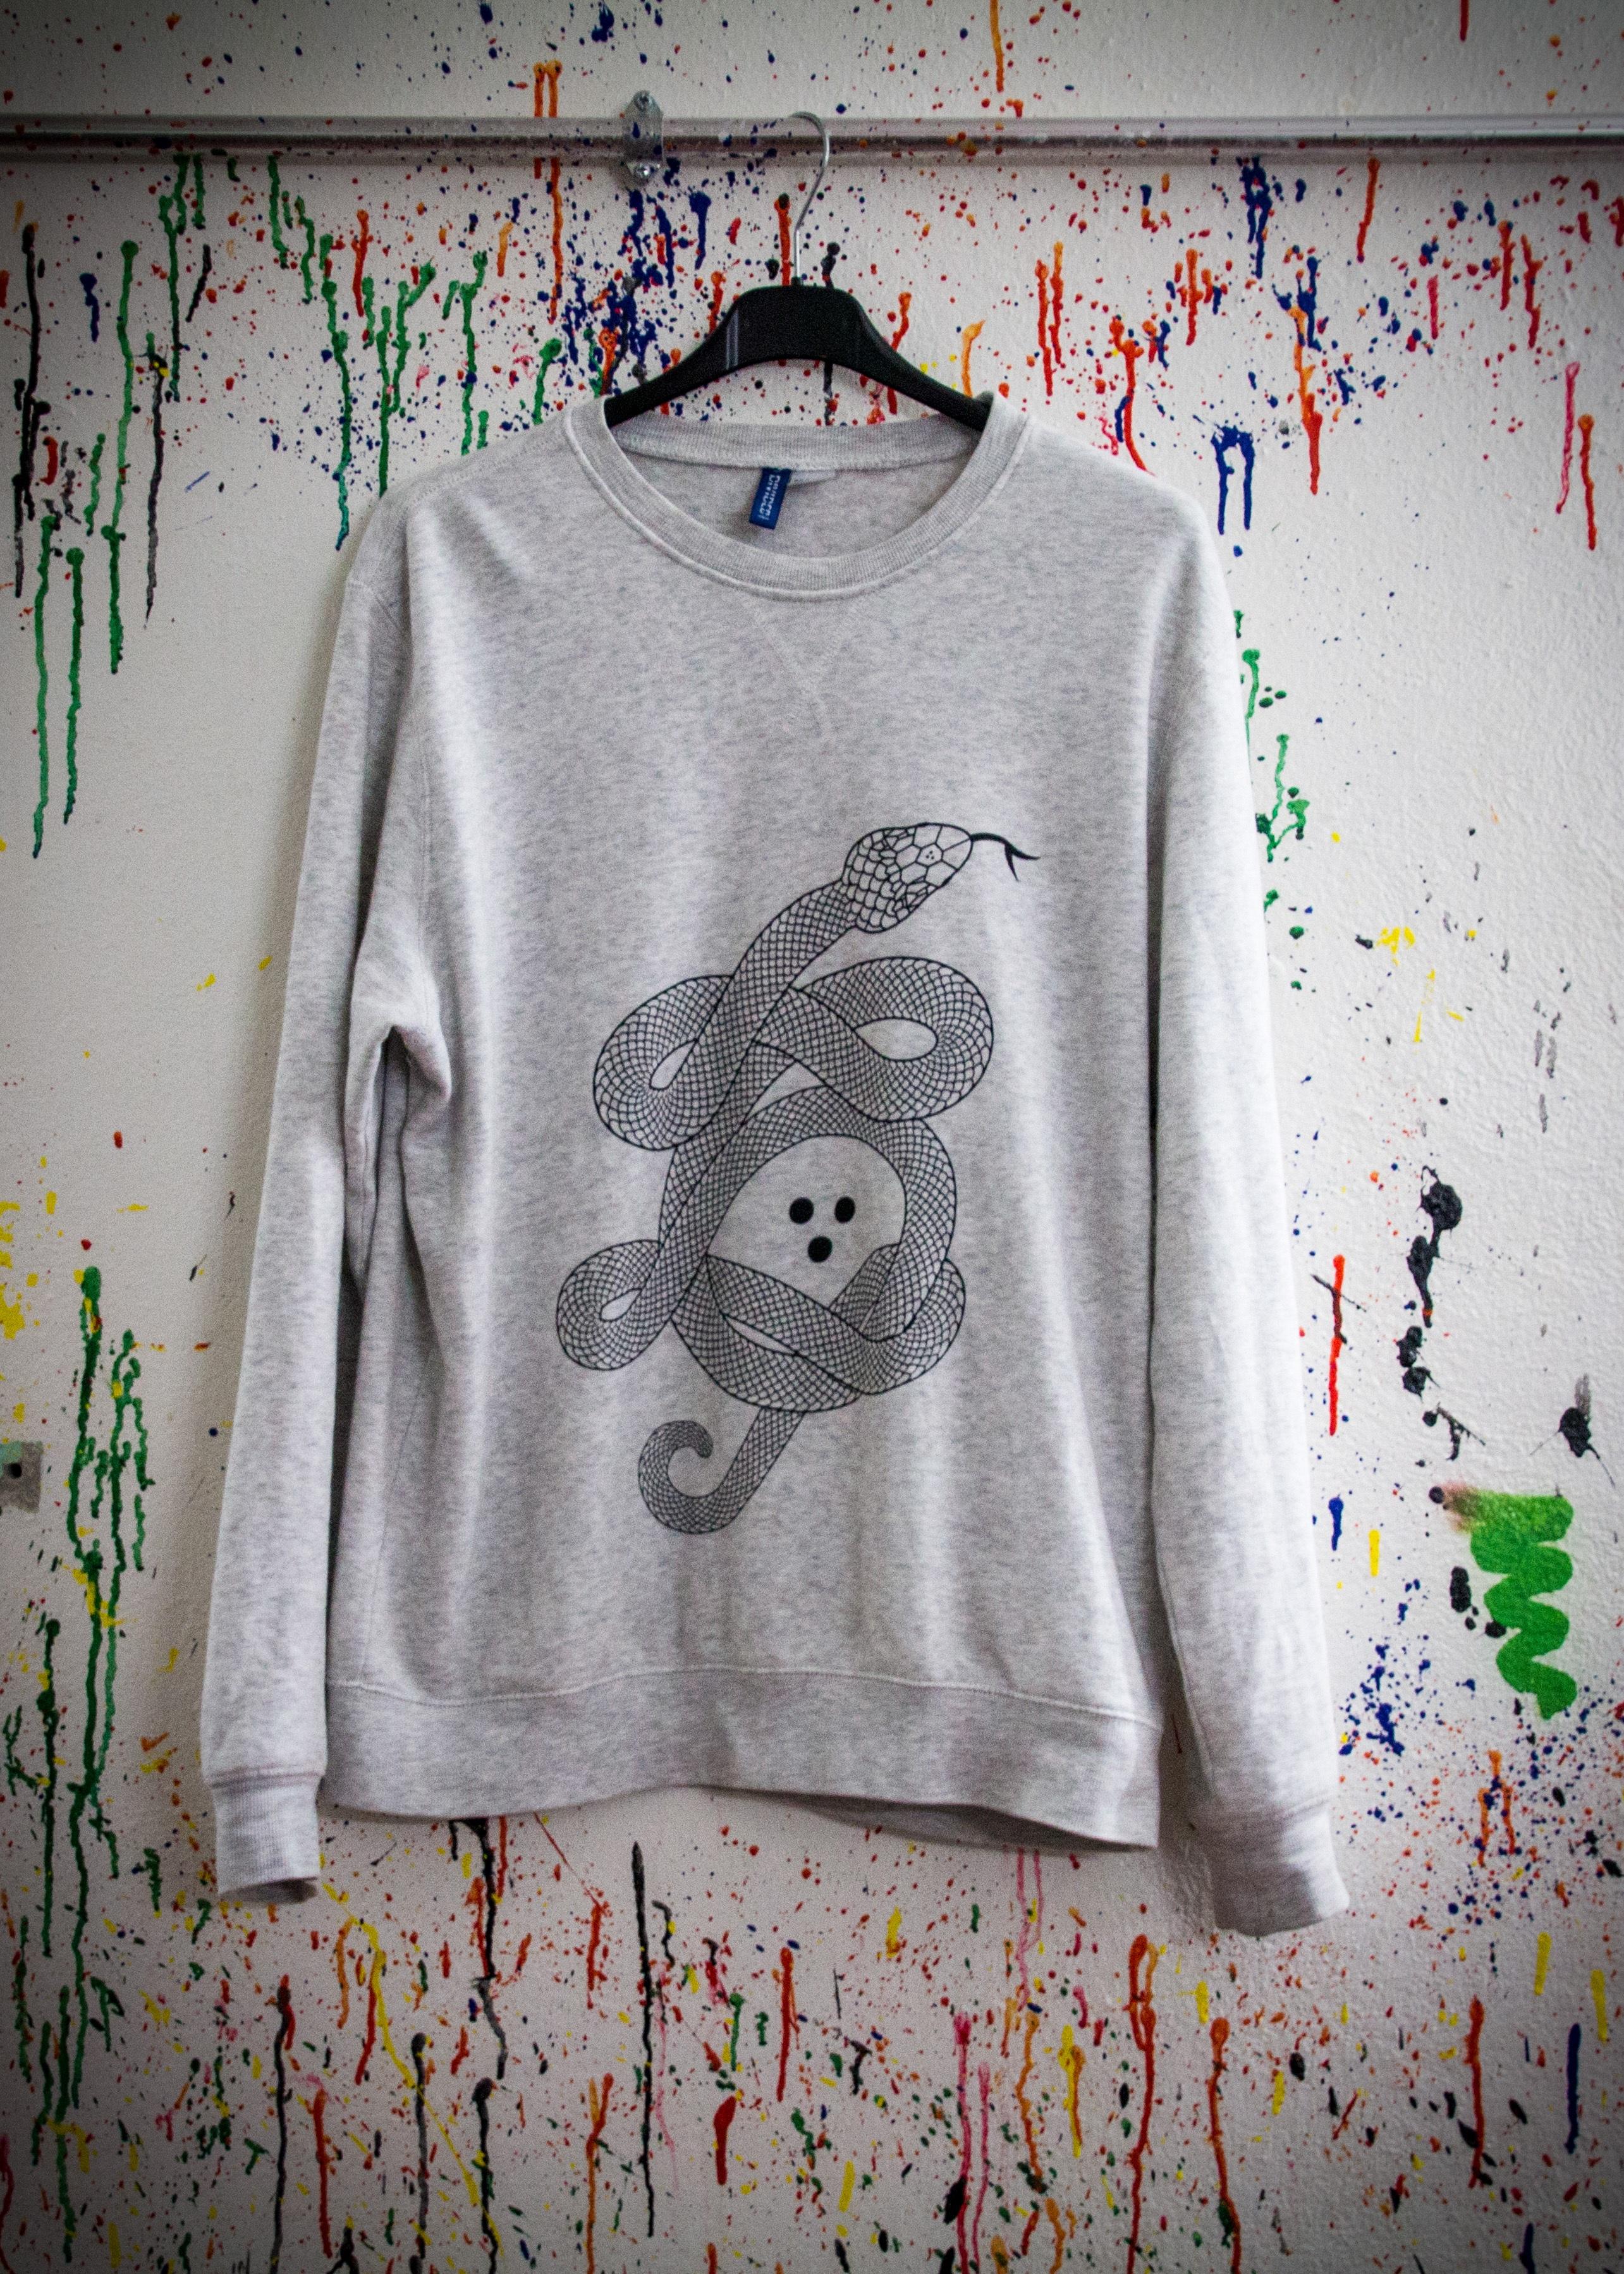 b717dce5 hvit mønster klær genser collegegenser silketrykk tekstil Kunst skisse  tegning slange erme T skjorte TEXTILDRUCK